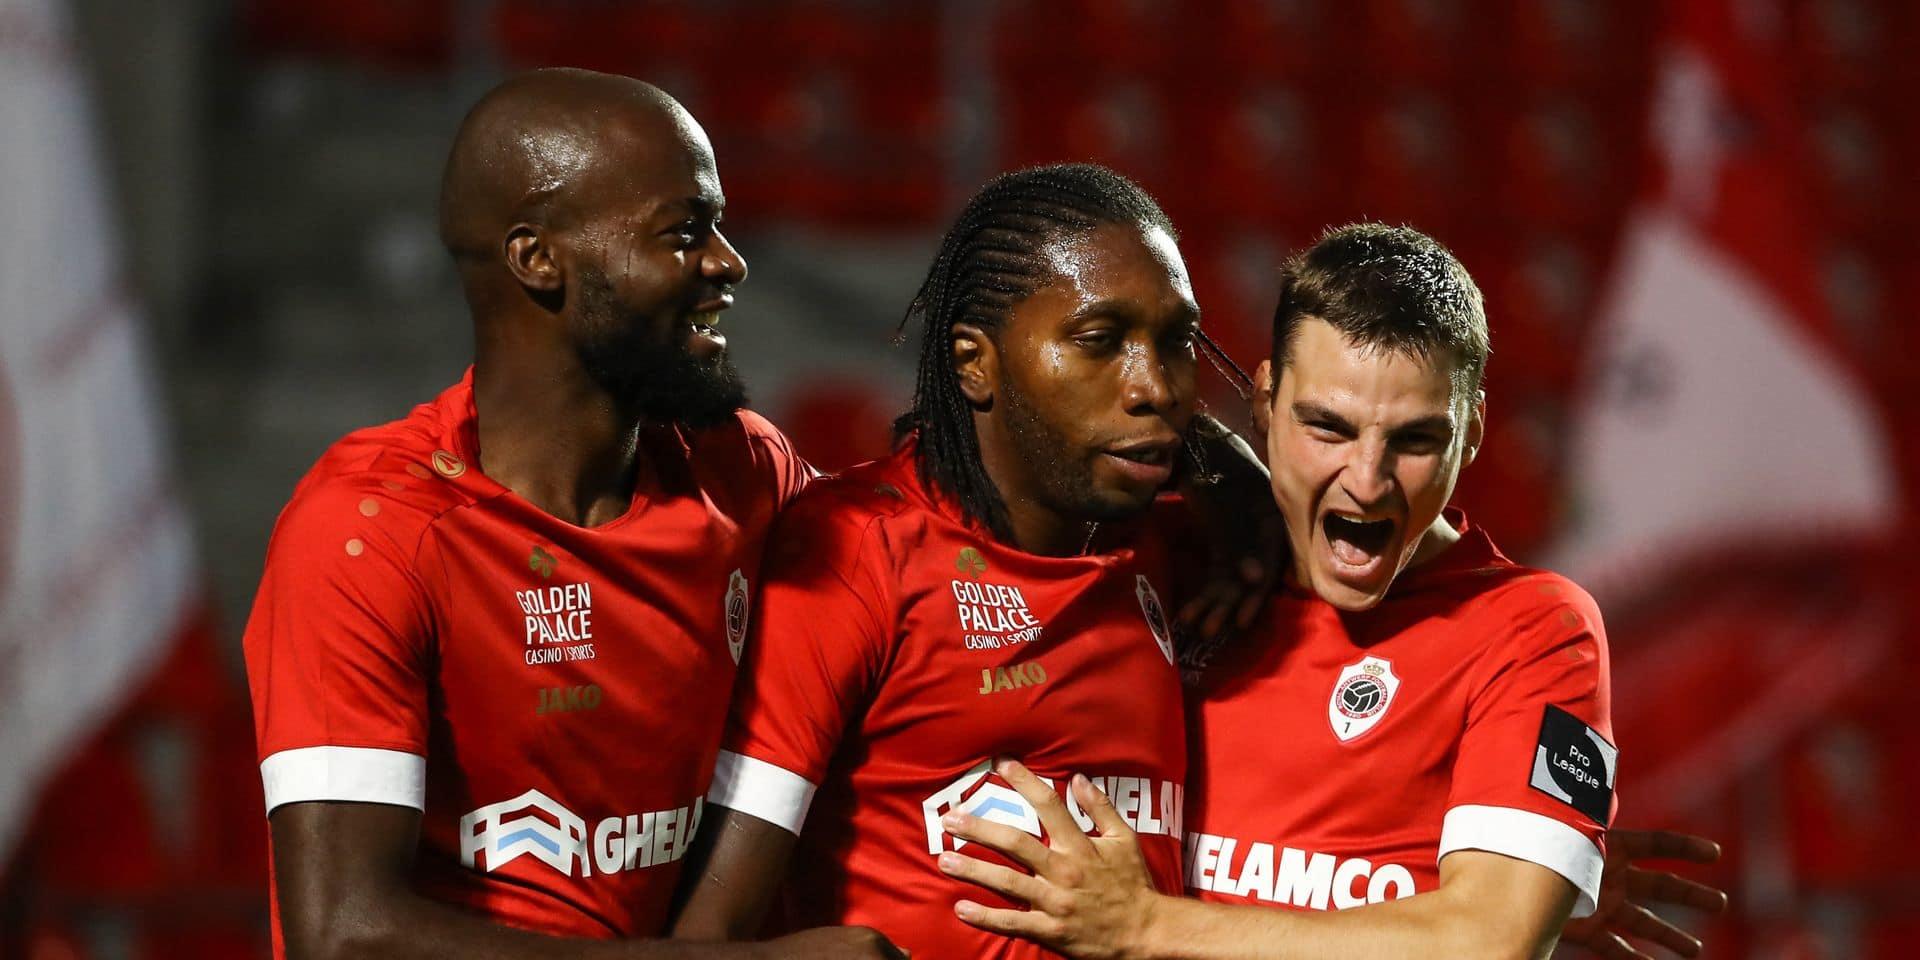 """Dieumerci Mbokani et Pieter Gerkens, deux Anversois qui auraient pu jouer pour Anderlecht: """"Pieter aiderait même Bruges"""""""